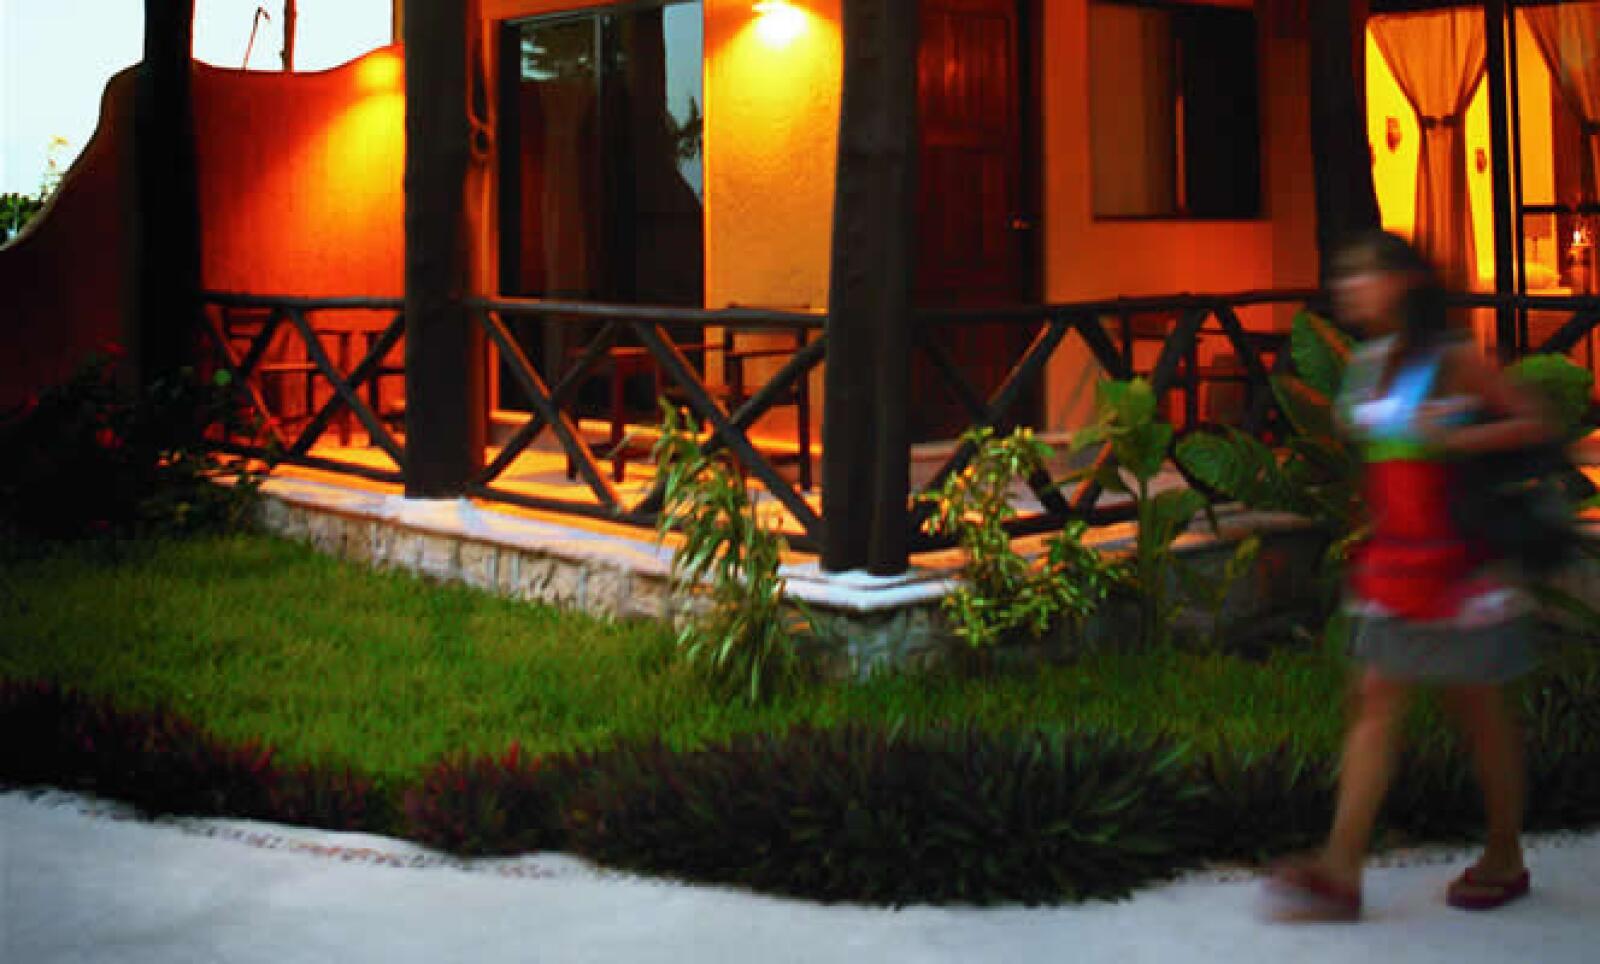 La arquitectura rústica crea un ambiente acogedor.